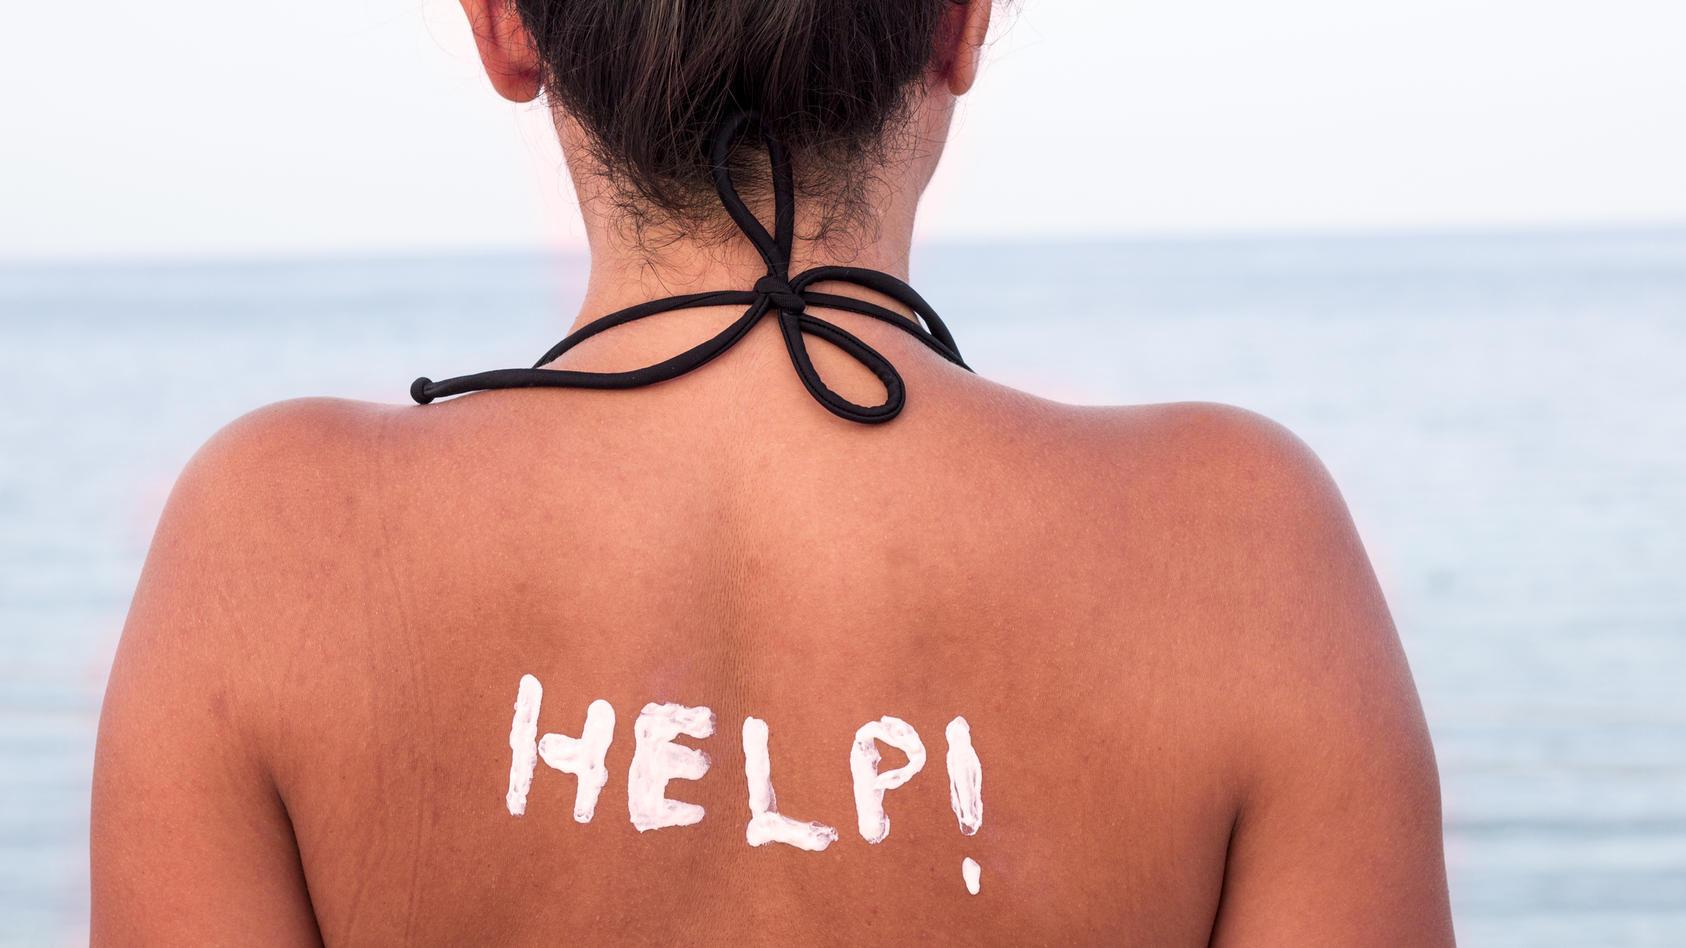 Schlimmer Sonnenbrand: Welche Hausmittel helfen nun?